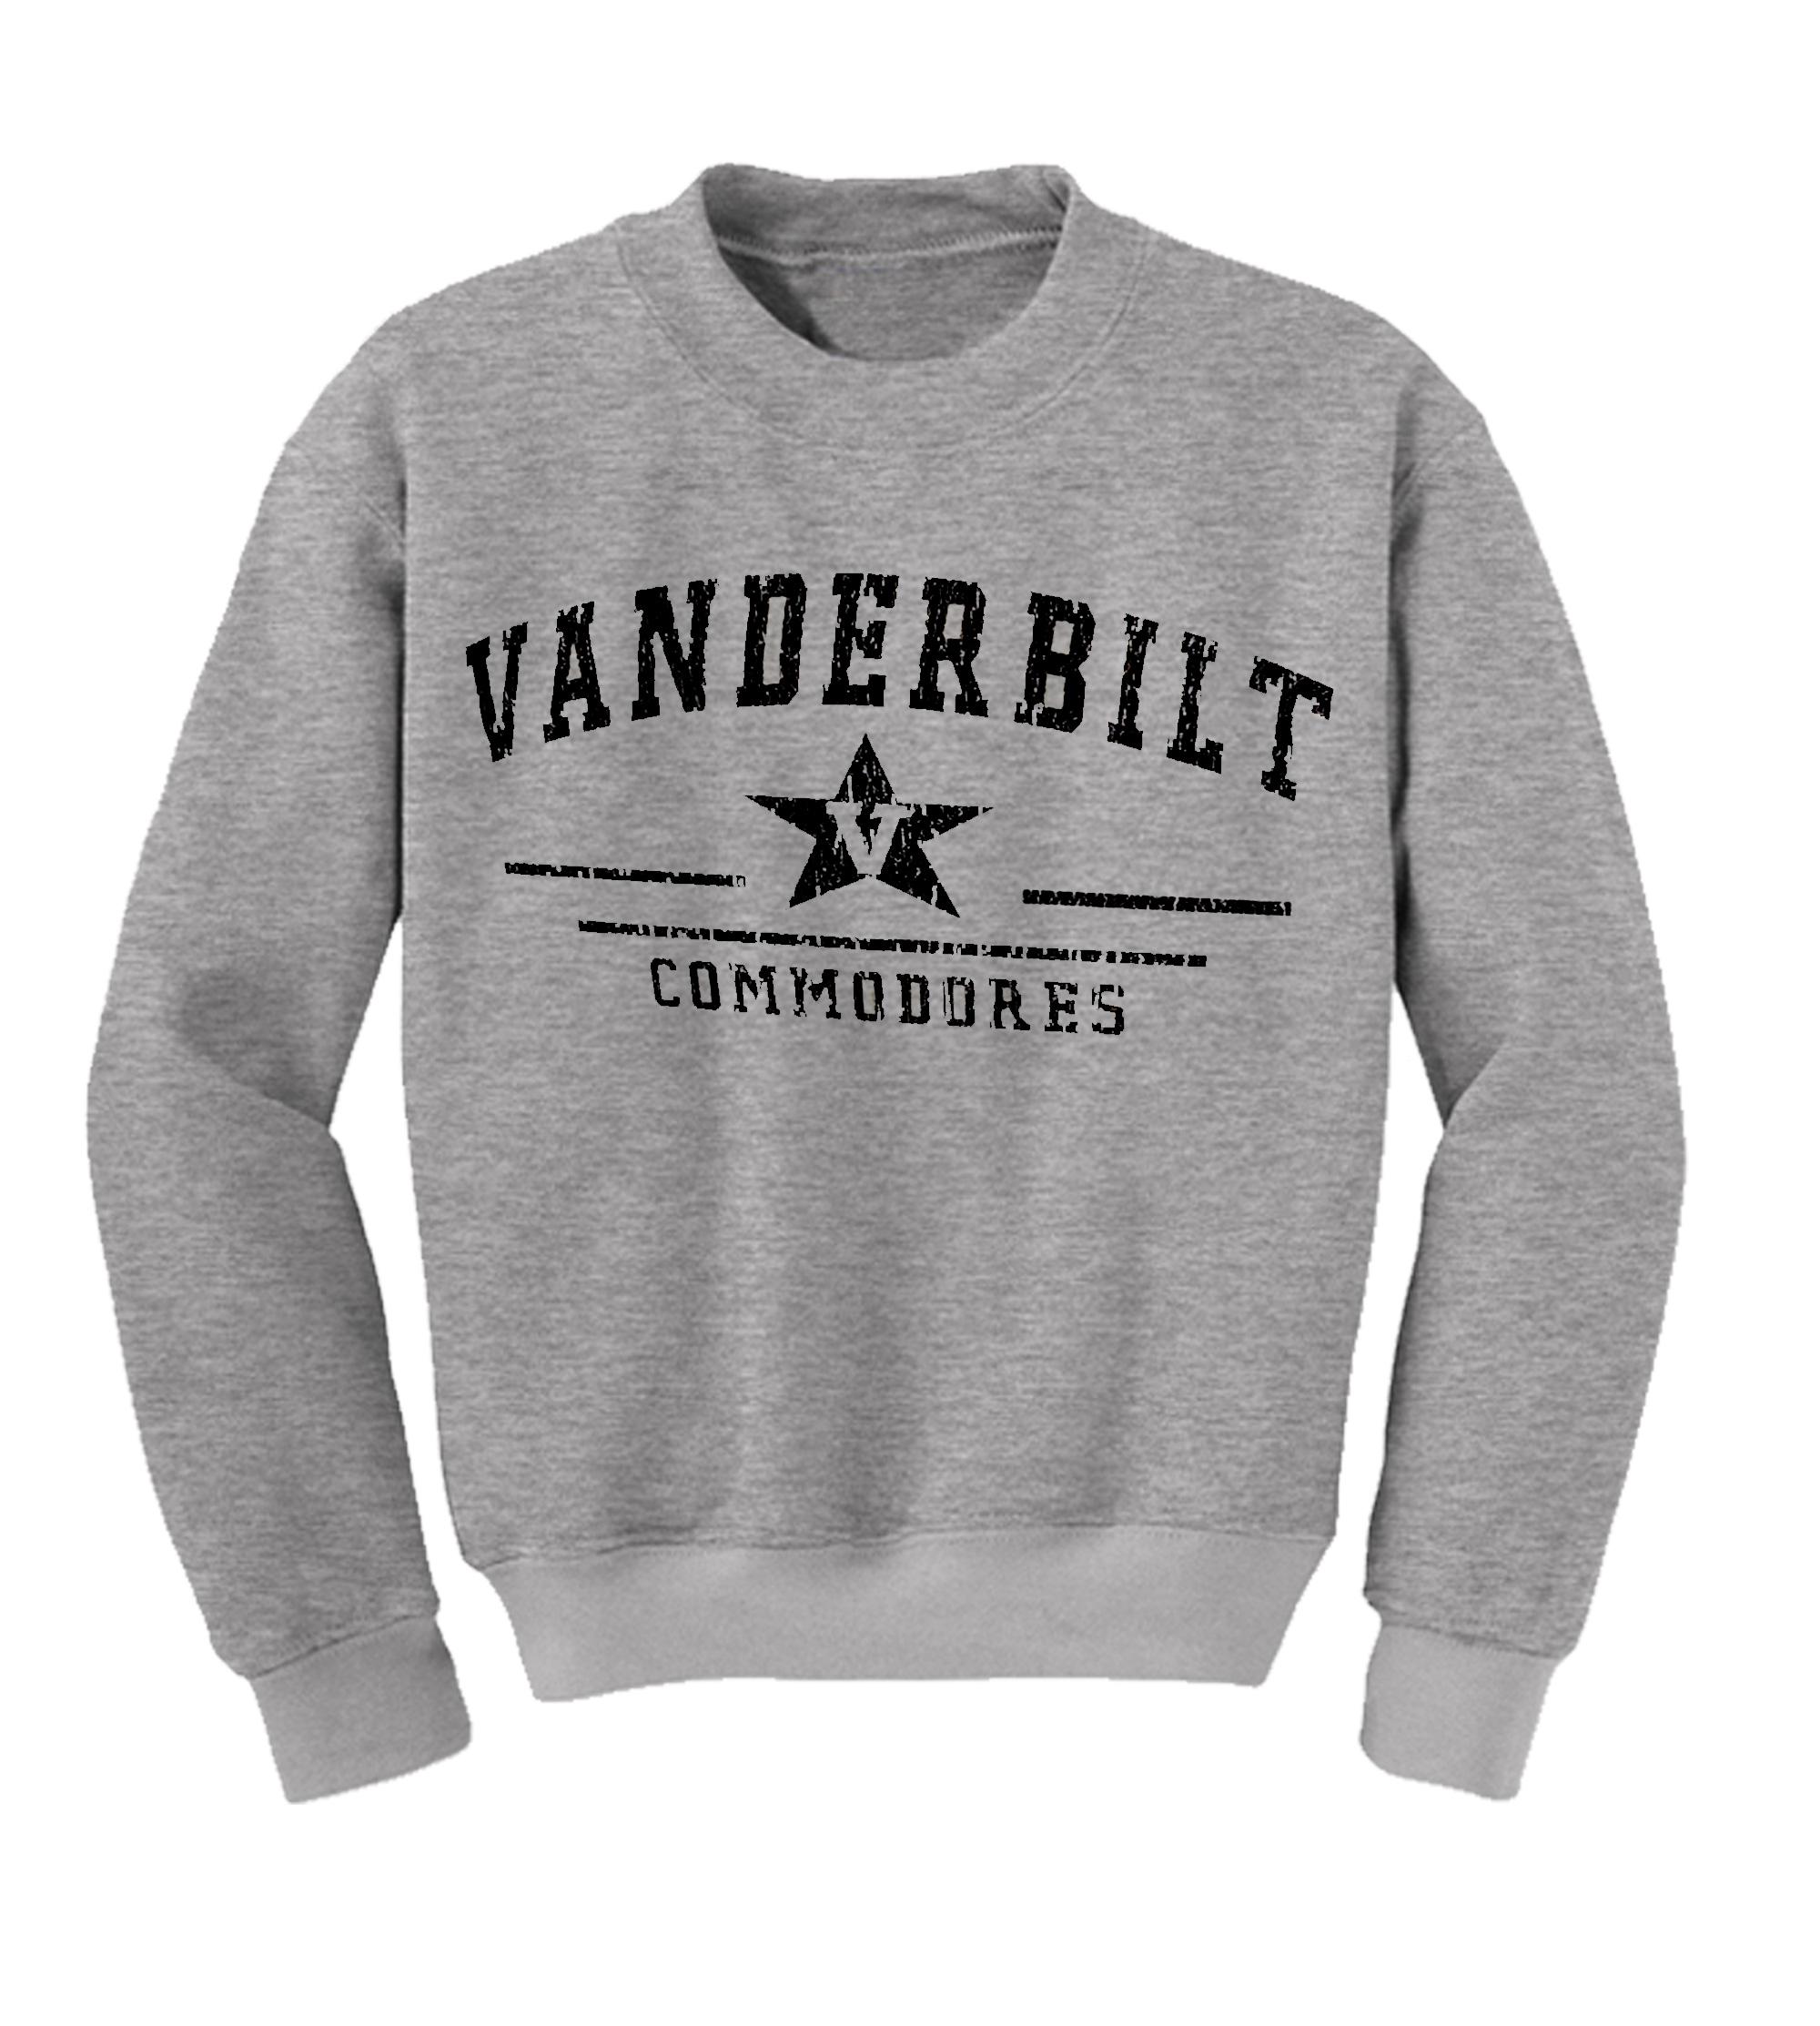 Vanderbilt Comodores Sweatshirt